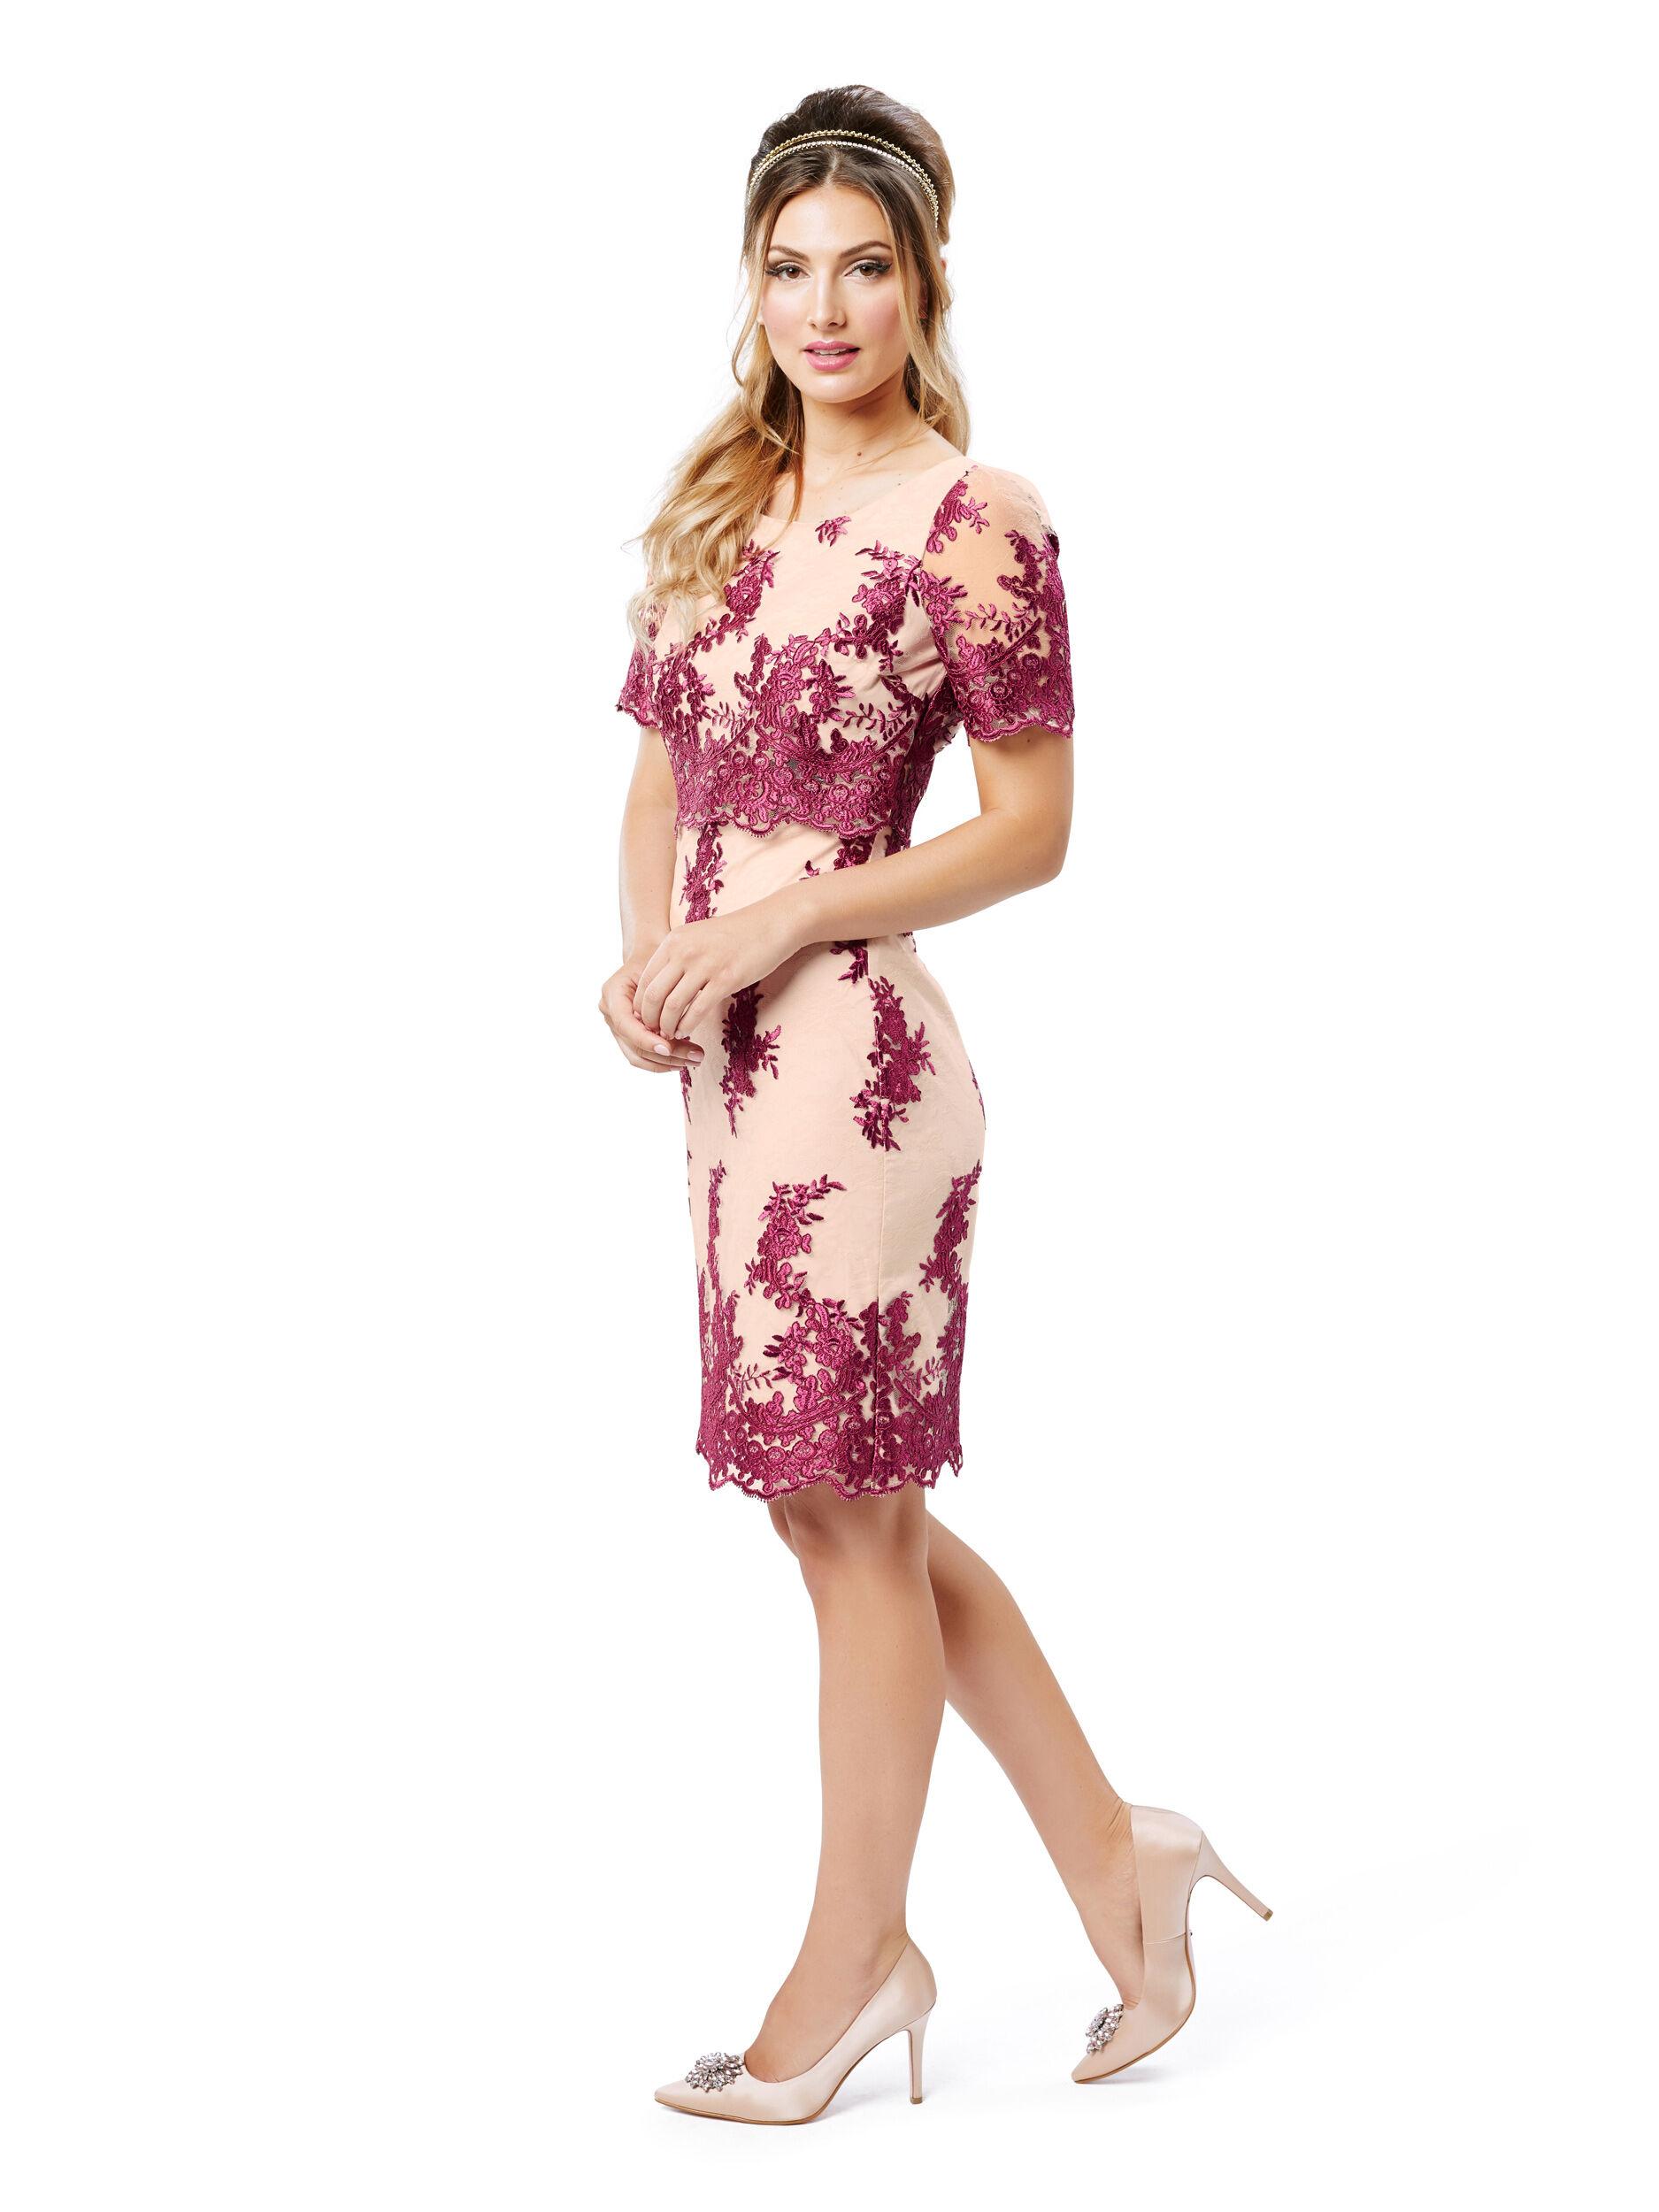 Heavenly Lace Dress